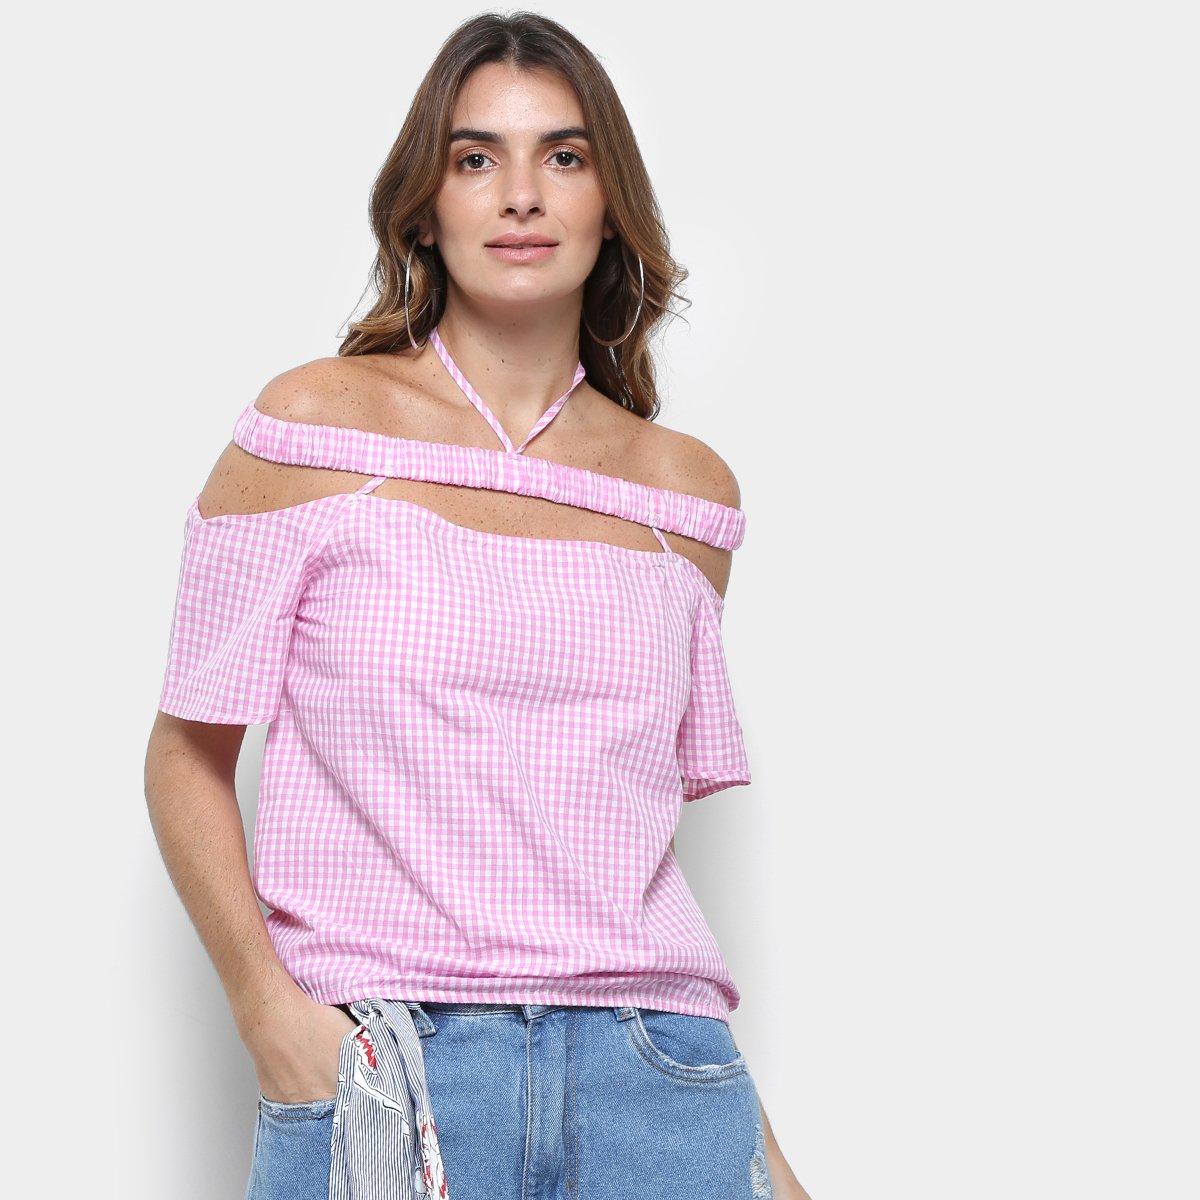 007111da76 Blusa Xadrez Lily Fashion Open Shoulder Amarração Feminina